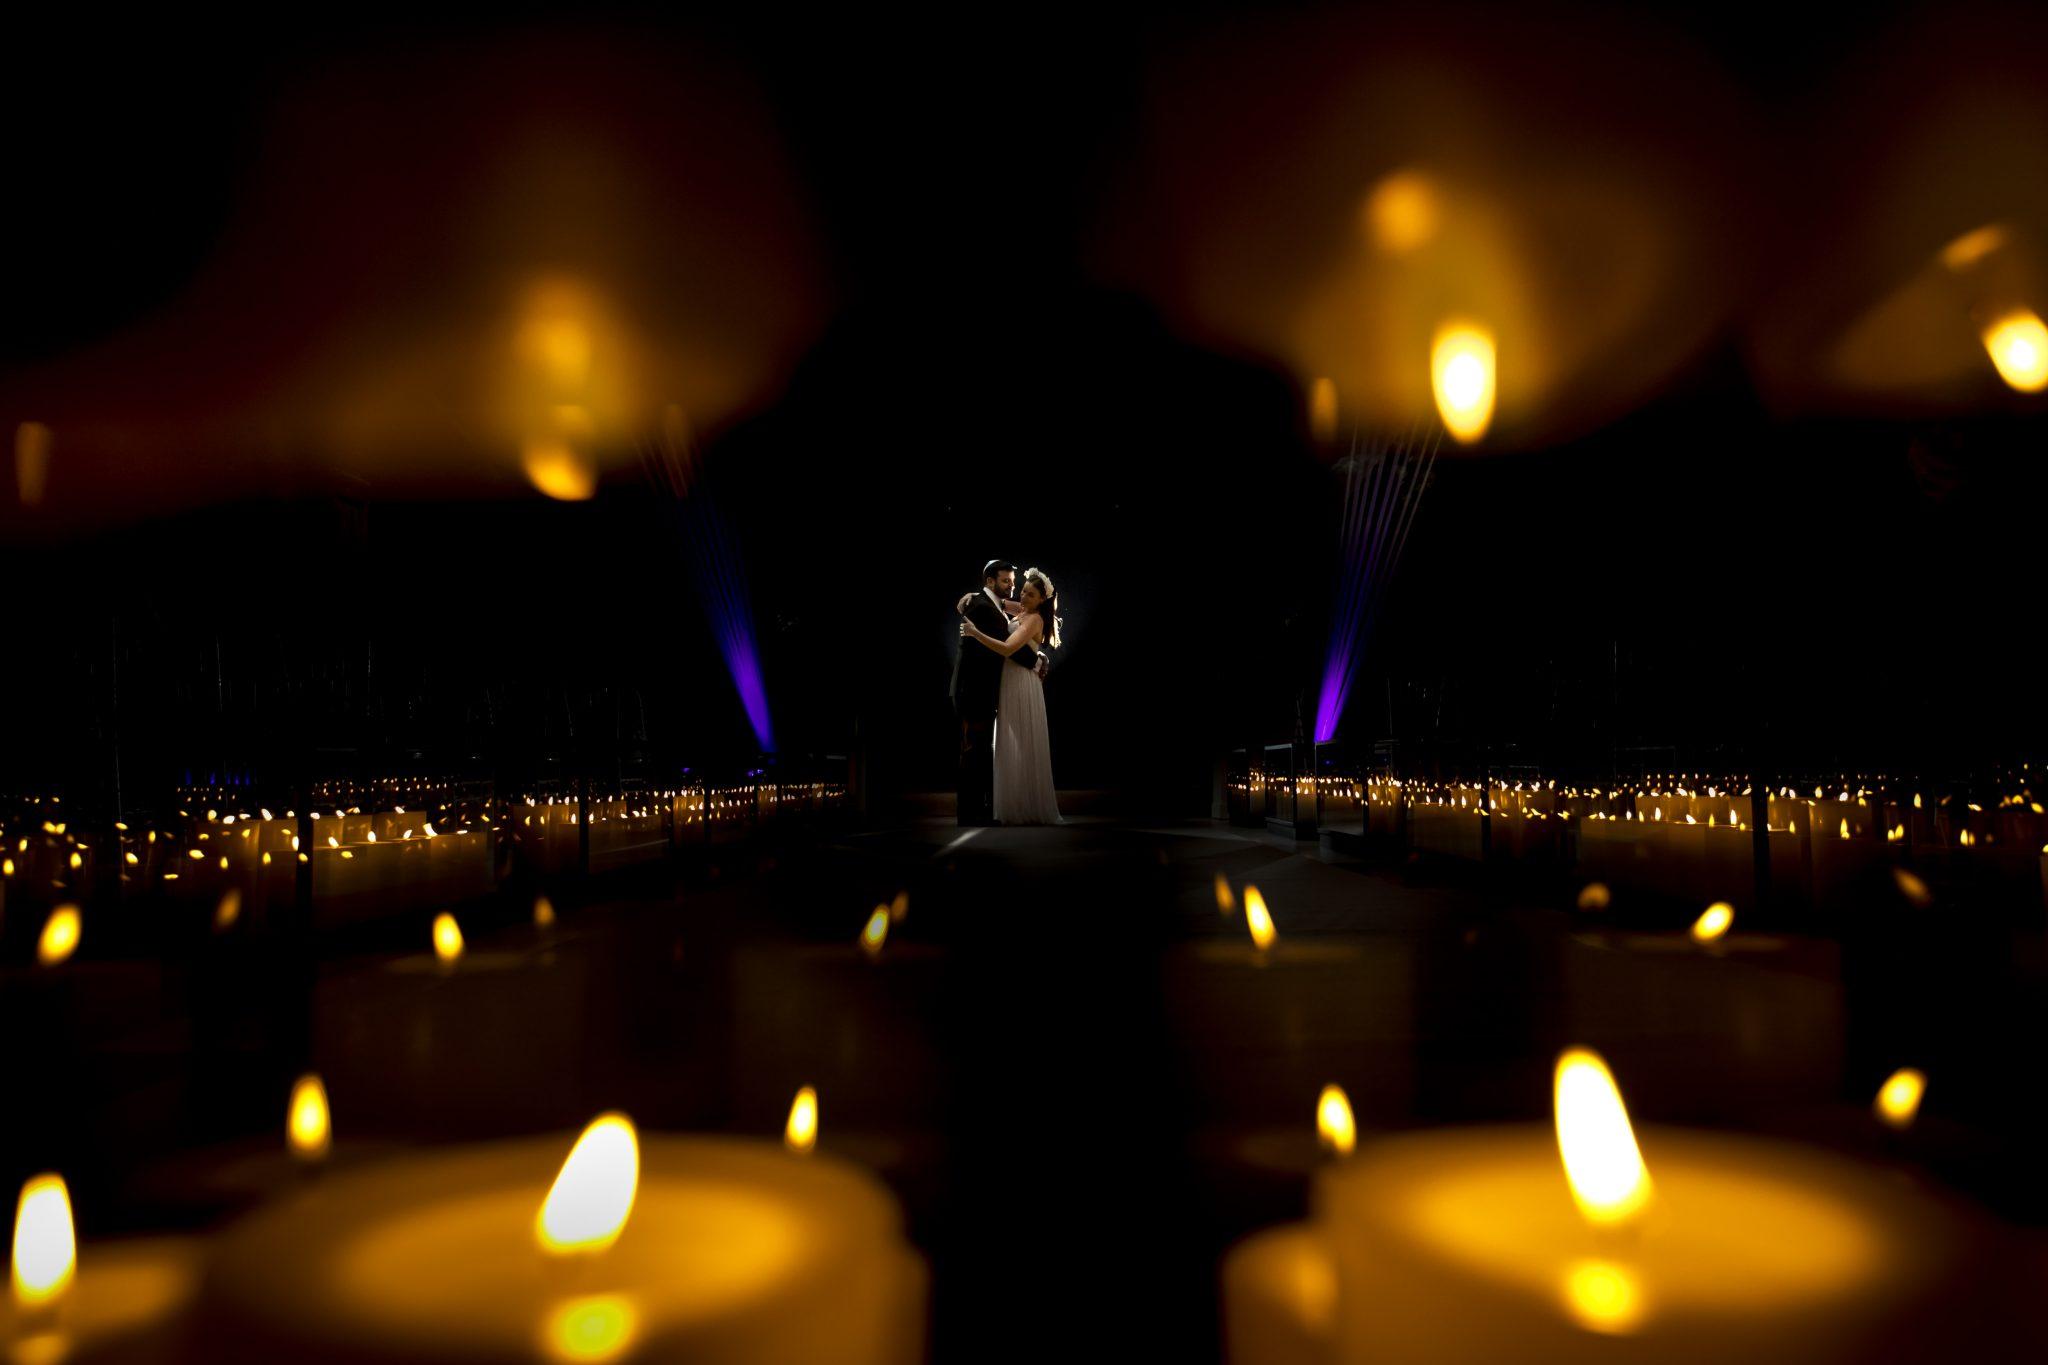 Boda en Bodega Agricola Jackson, fotografia de boda judia